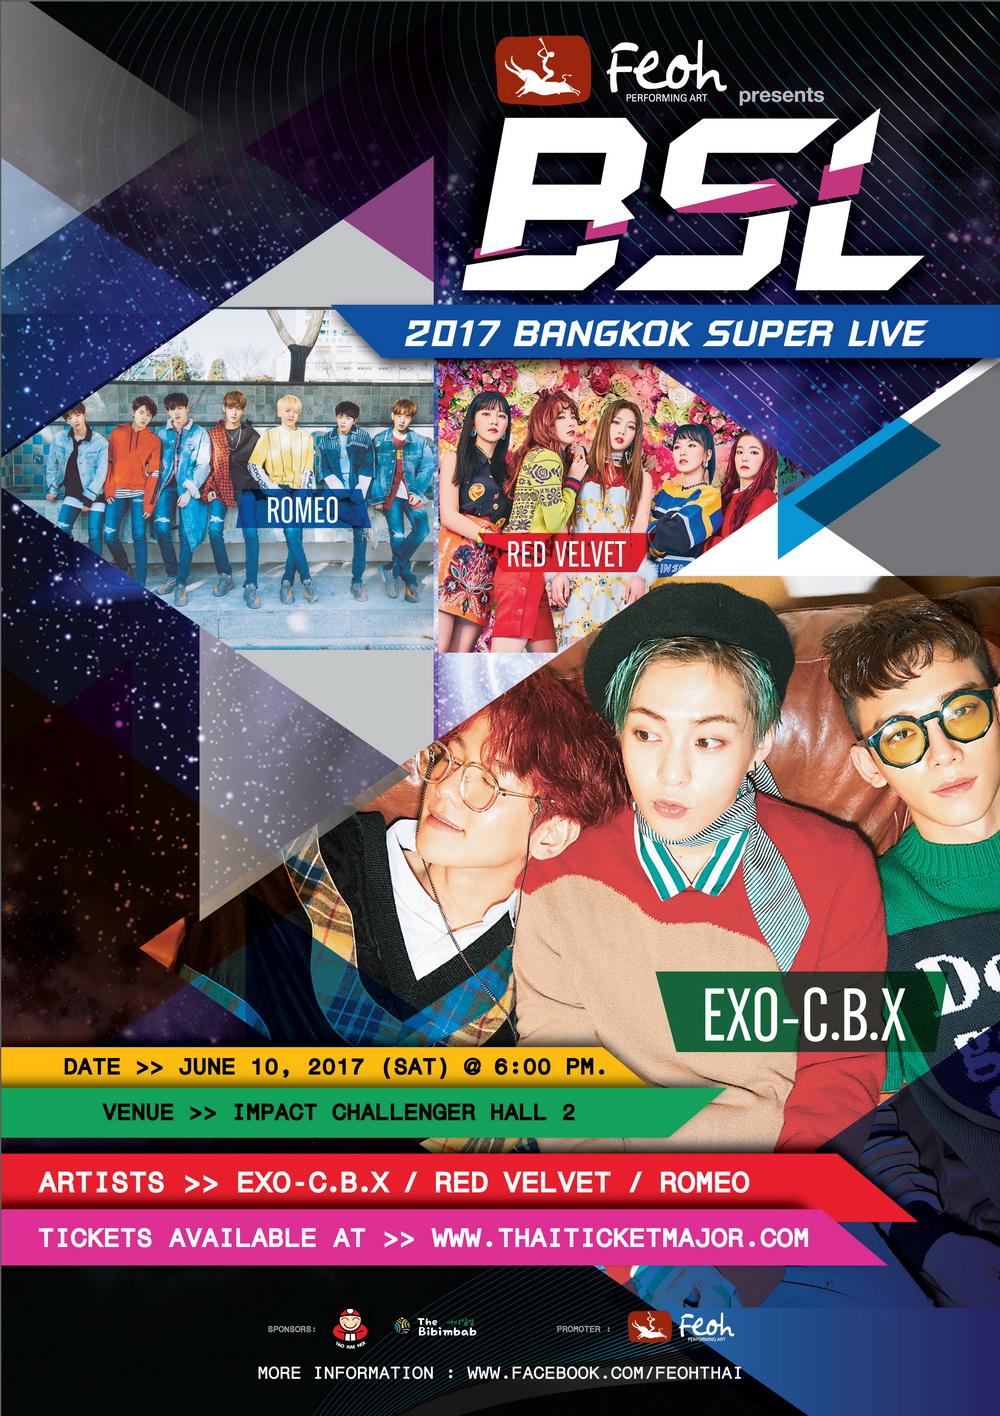 {Final Poster V1} Feoh Presents 2017 BANGKOK SUPER LIVE